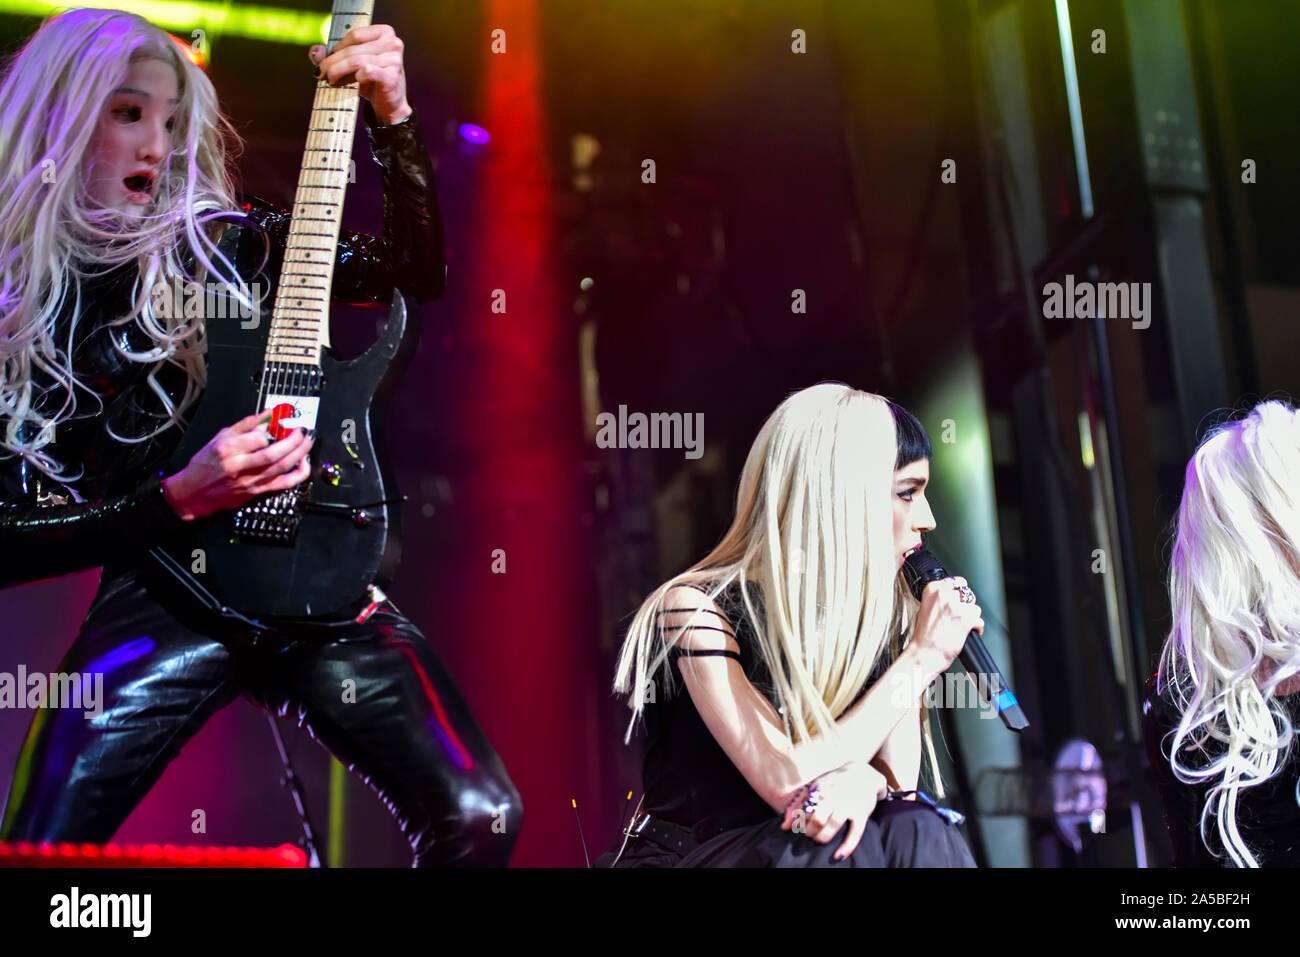 Las Vegas, Nevada, le 18 octobre 2019 - Le groupe de la scène du pavot en concert à la troisième édition annuelle de Las Stique heavy metal music festival tenu à la Centre-ville de Las Vegas Events Center. Crédit de photo: Ken Howard Images Banque D'Images